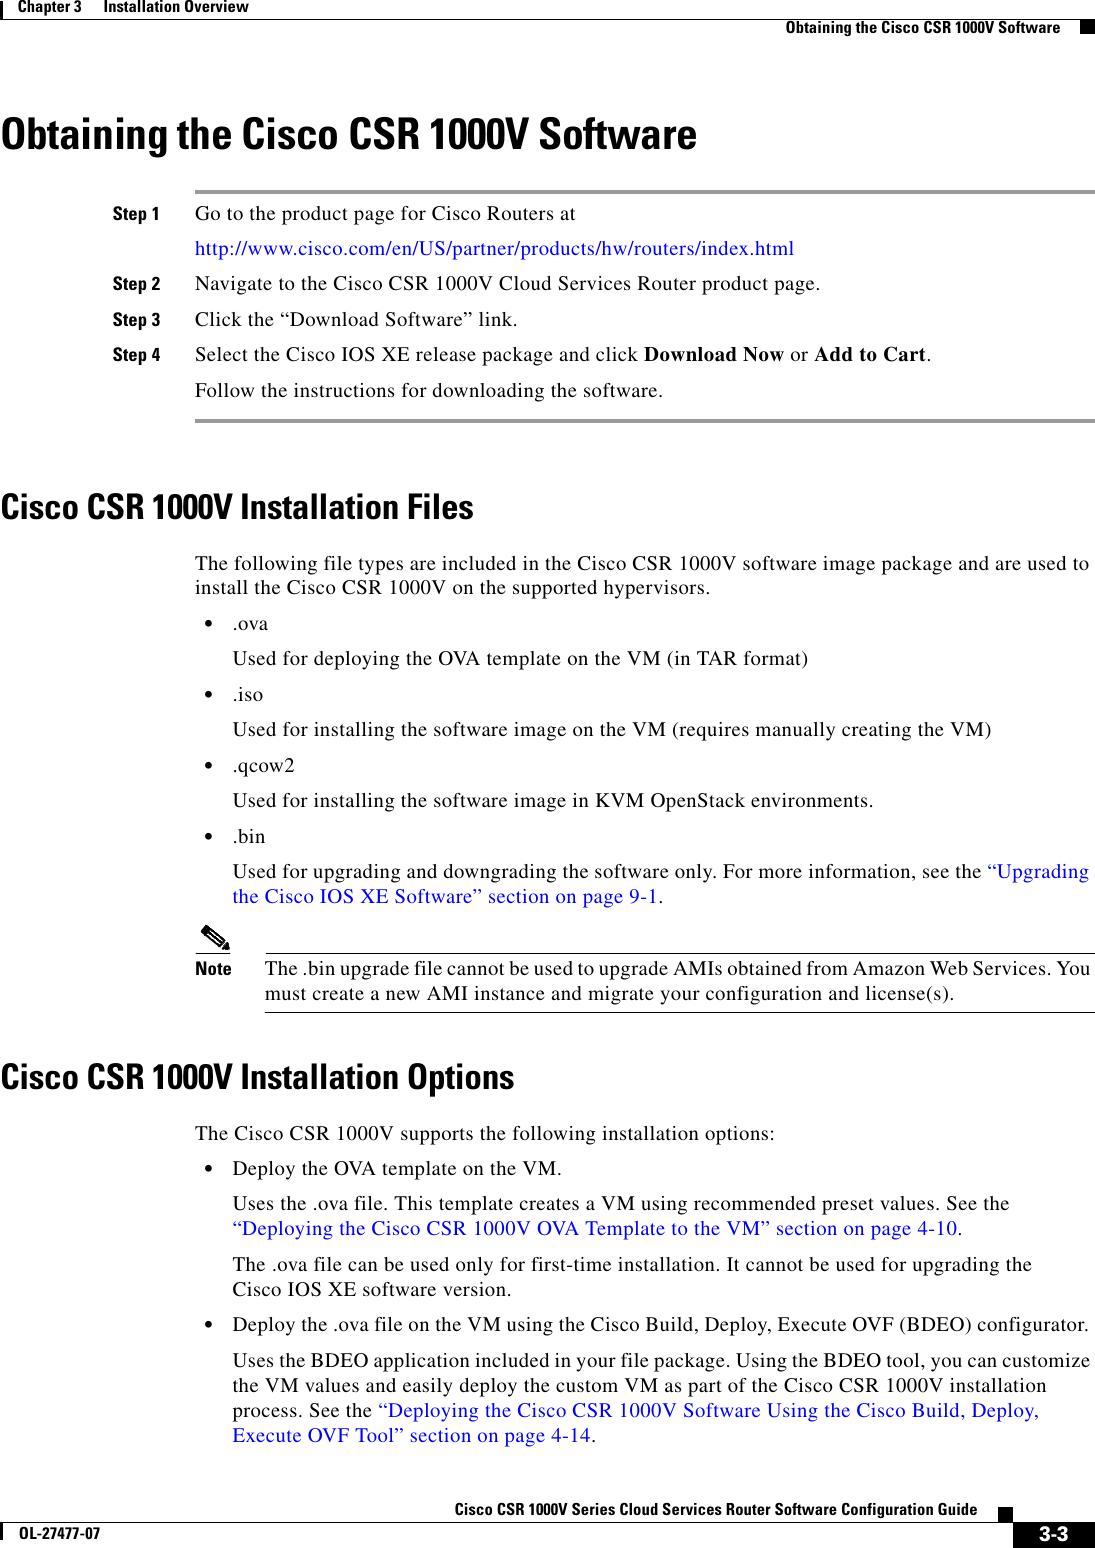 Csr1000v Image Download